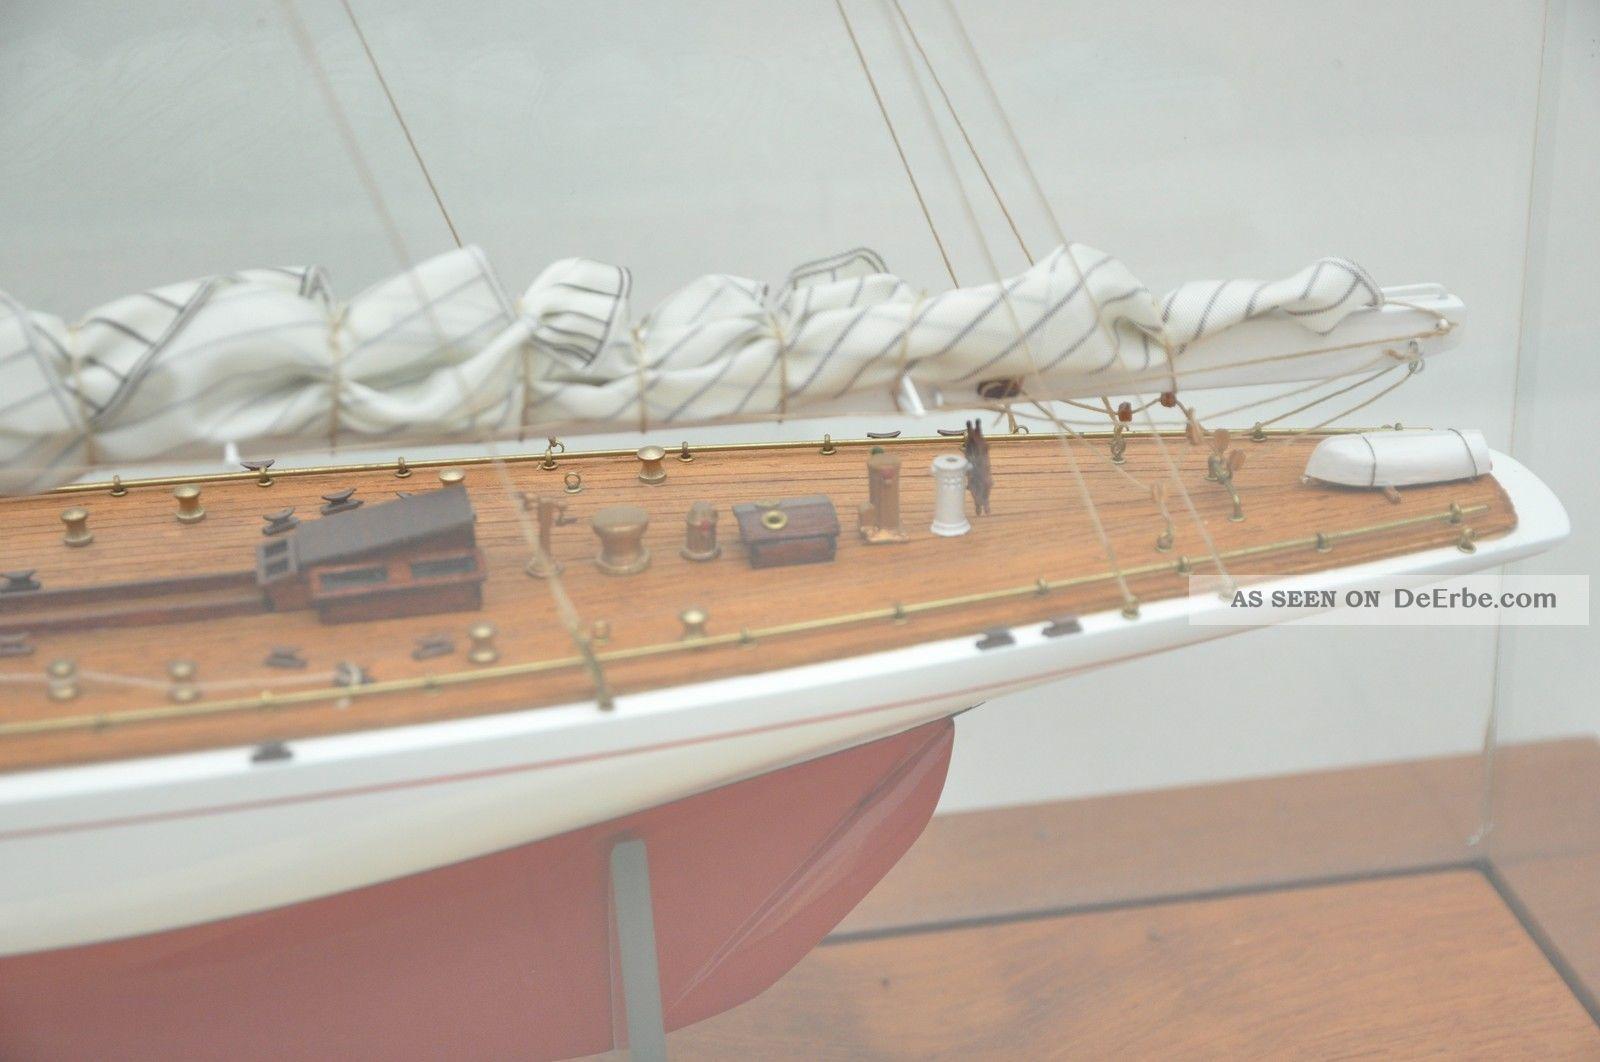 Schiffsmodell rainbow america 39 s cup mit vitrine for Dekoration maritim